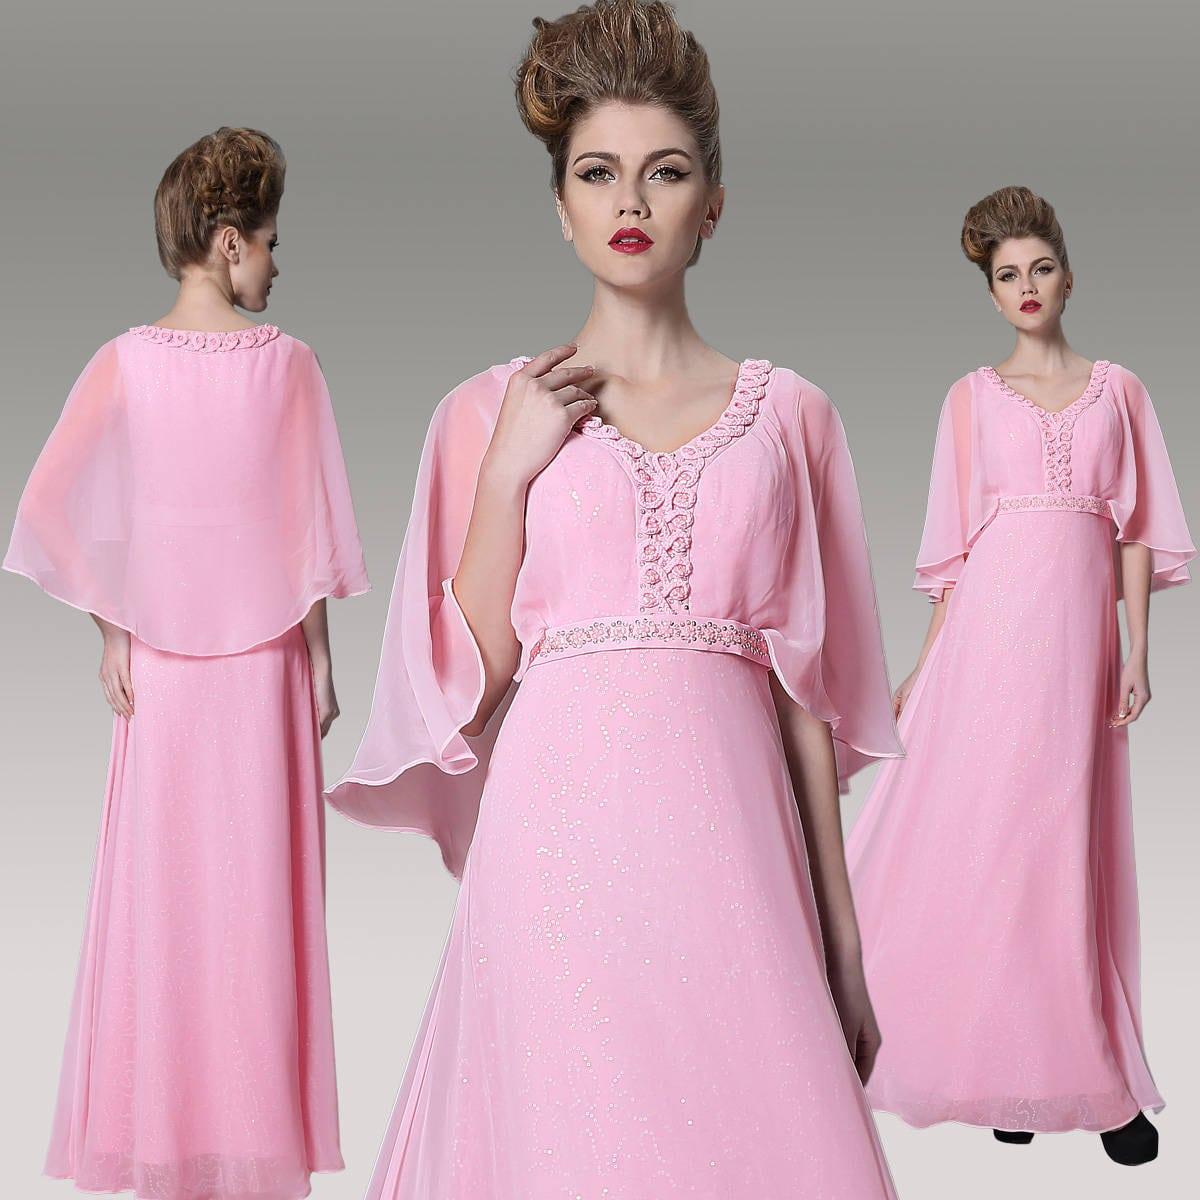 Vestidos de madre rosa de la novia - Darius Cordell Fashion Ltd